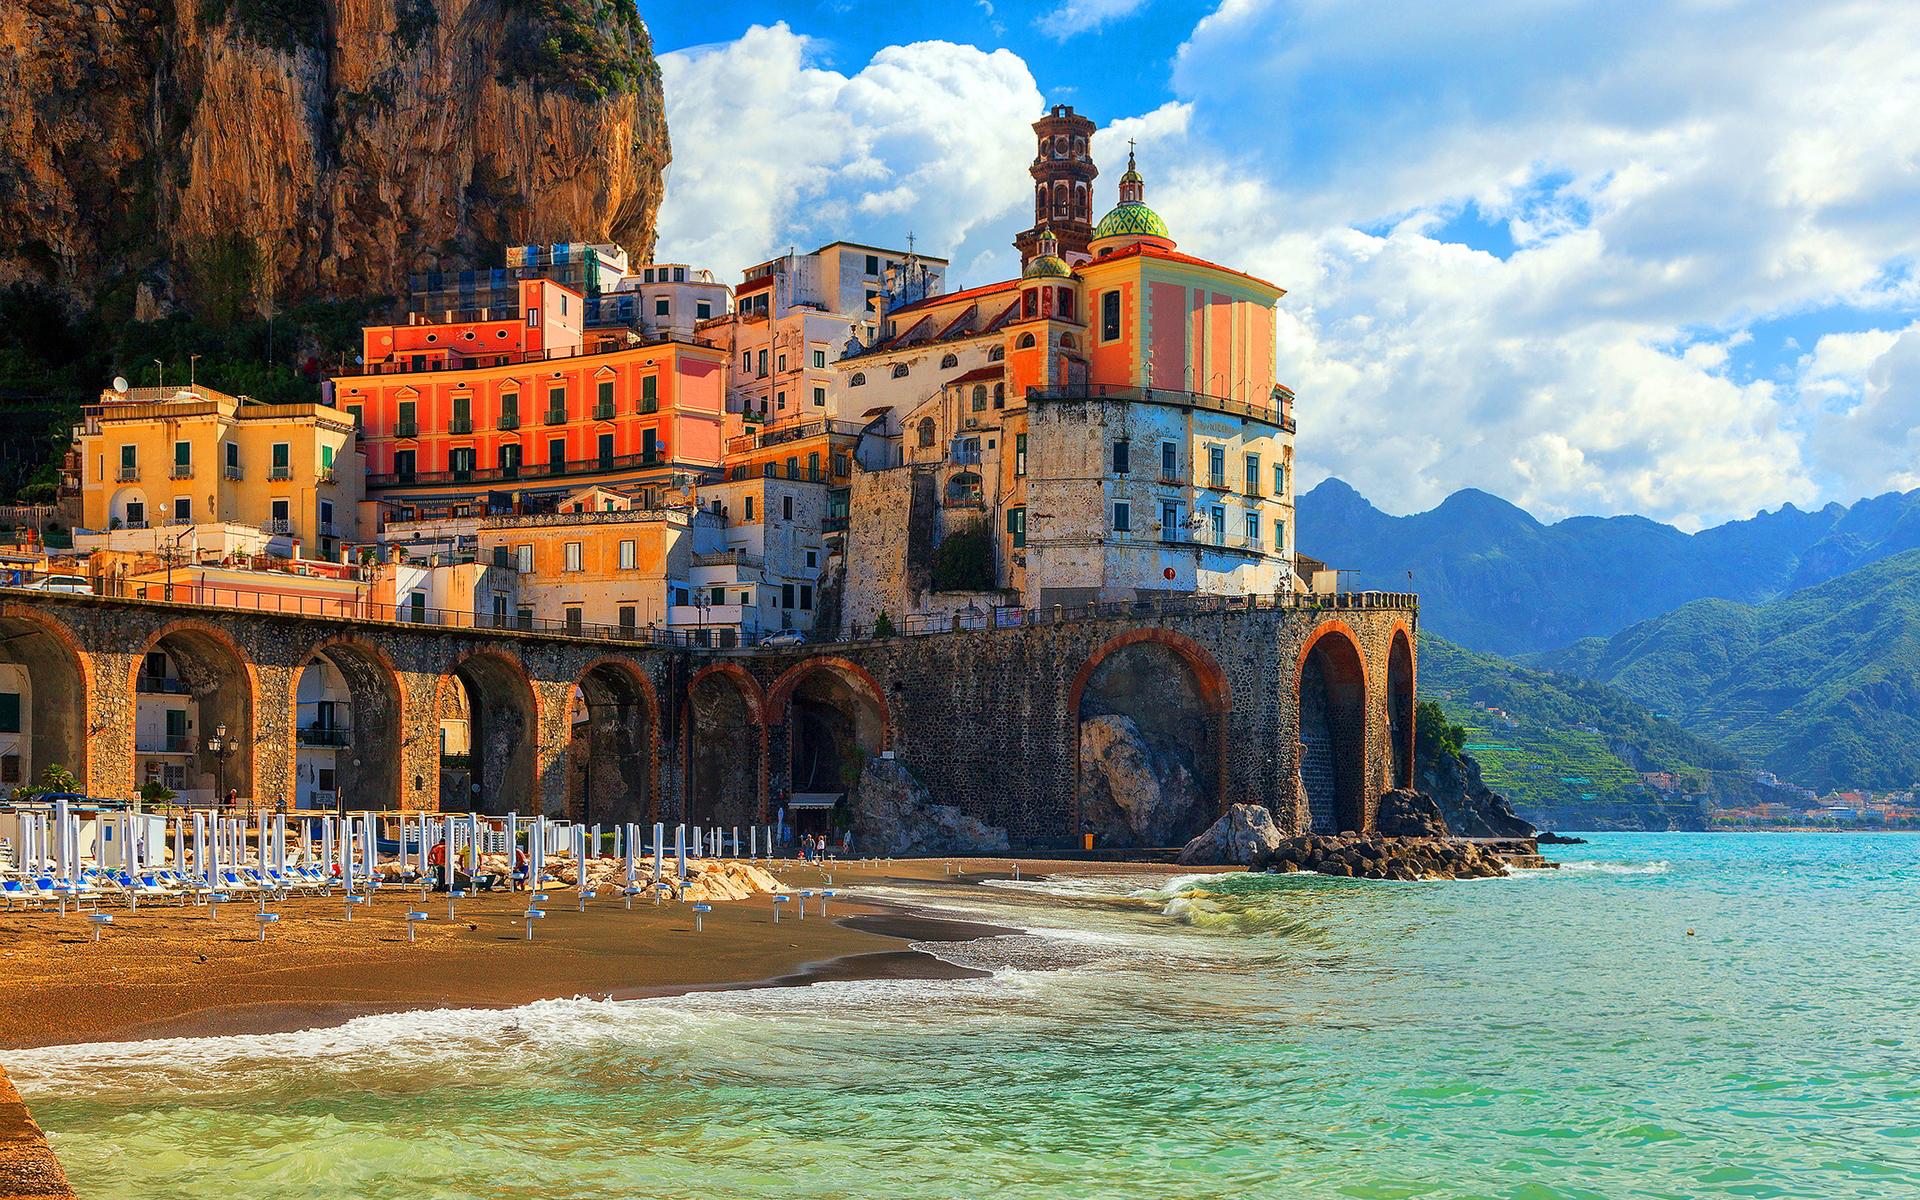 италия пляжи обои на рабочий стол № 507099 бесплатно